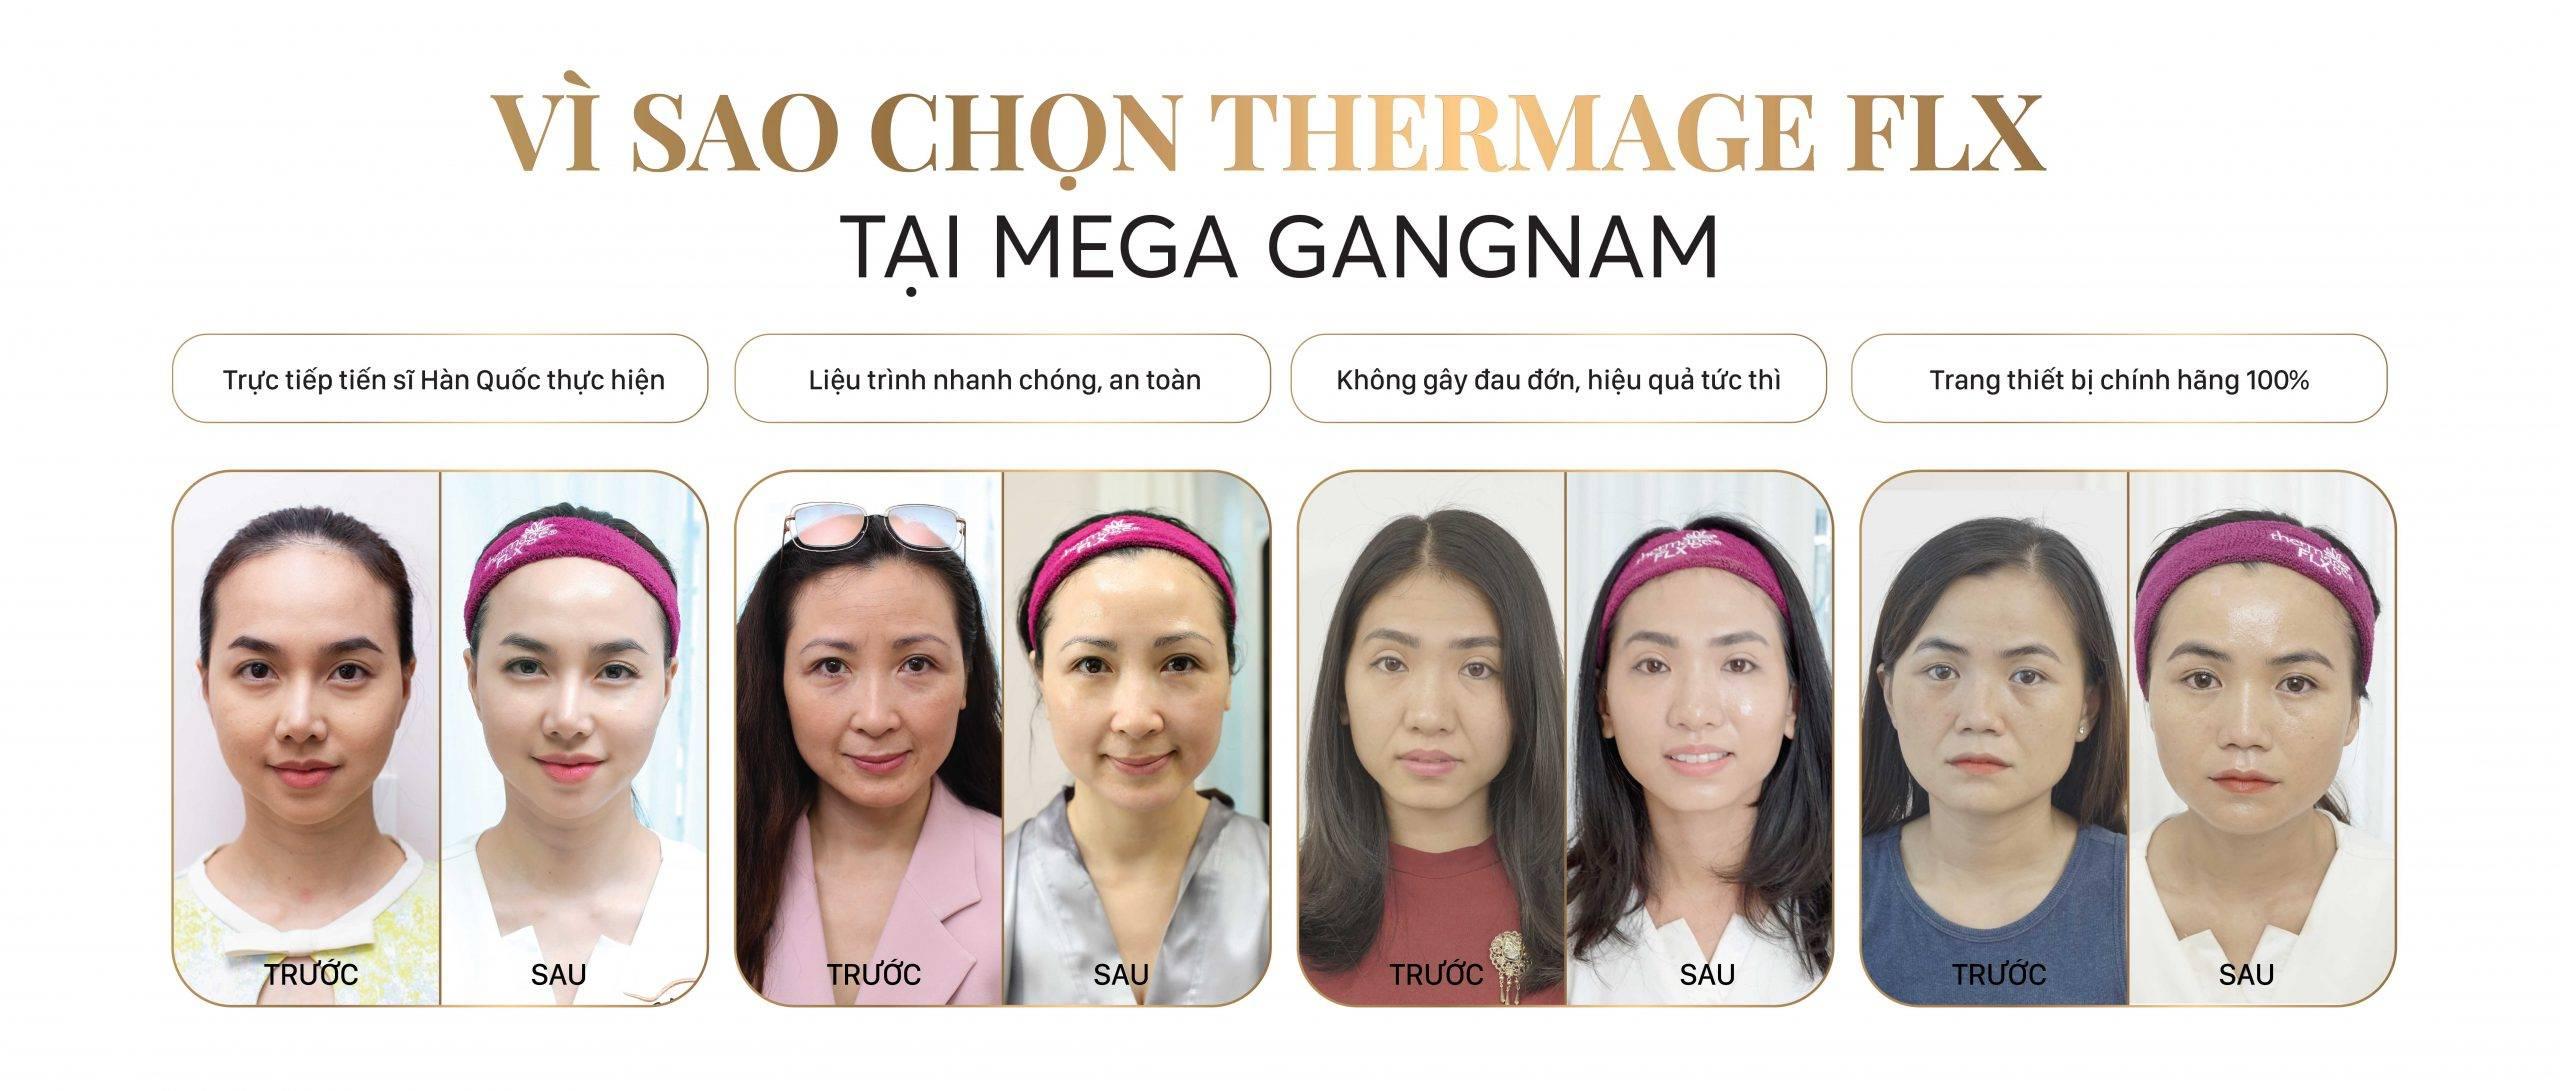 uu-dai-thermage-flx-2